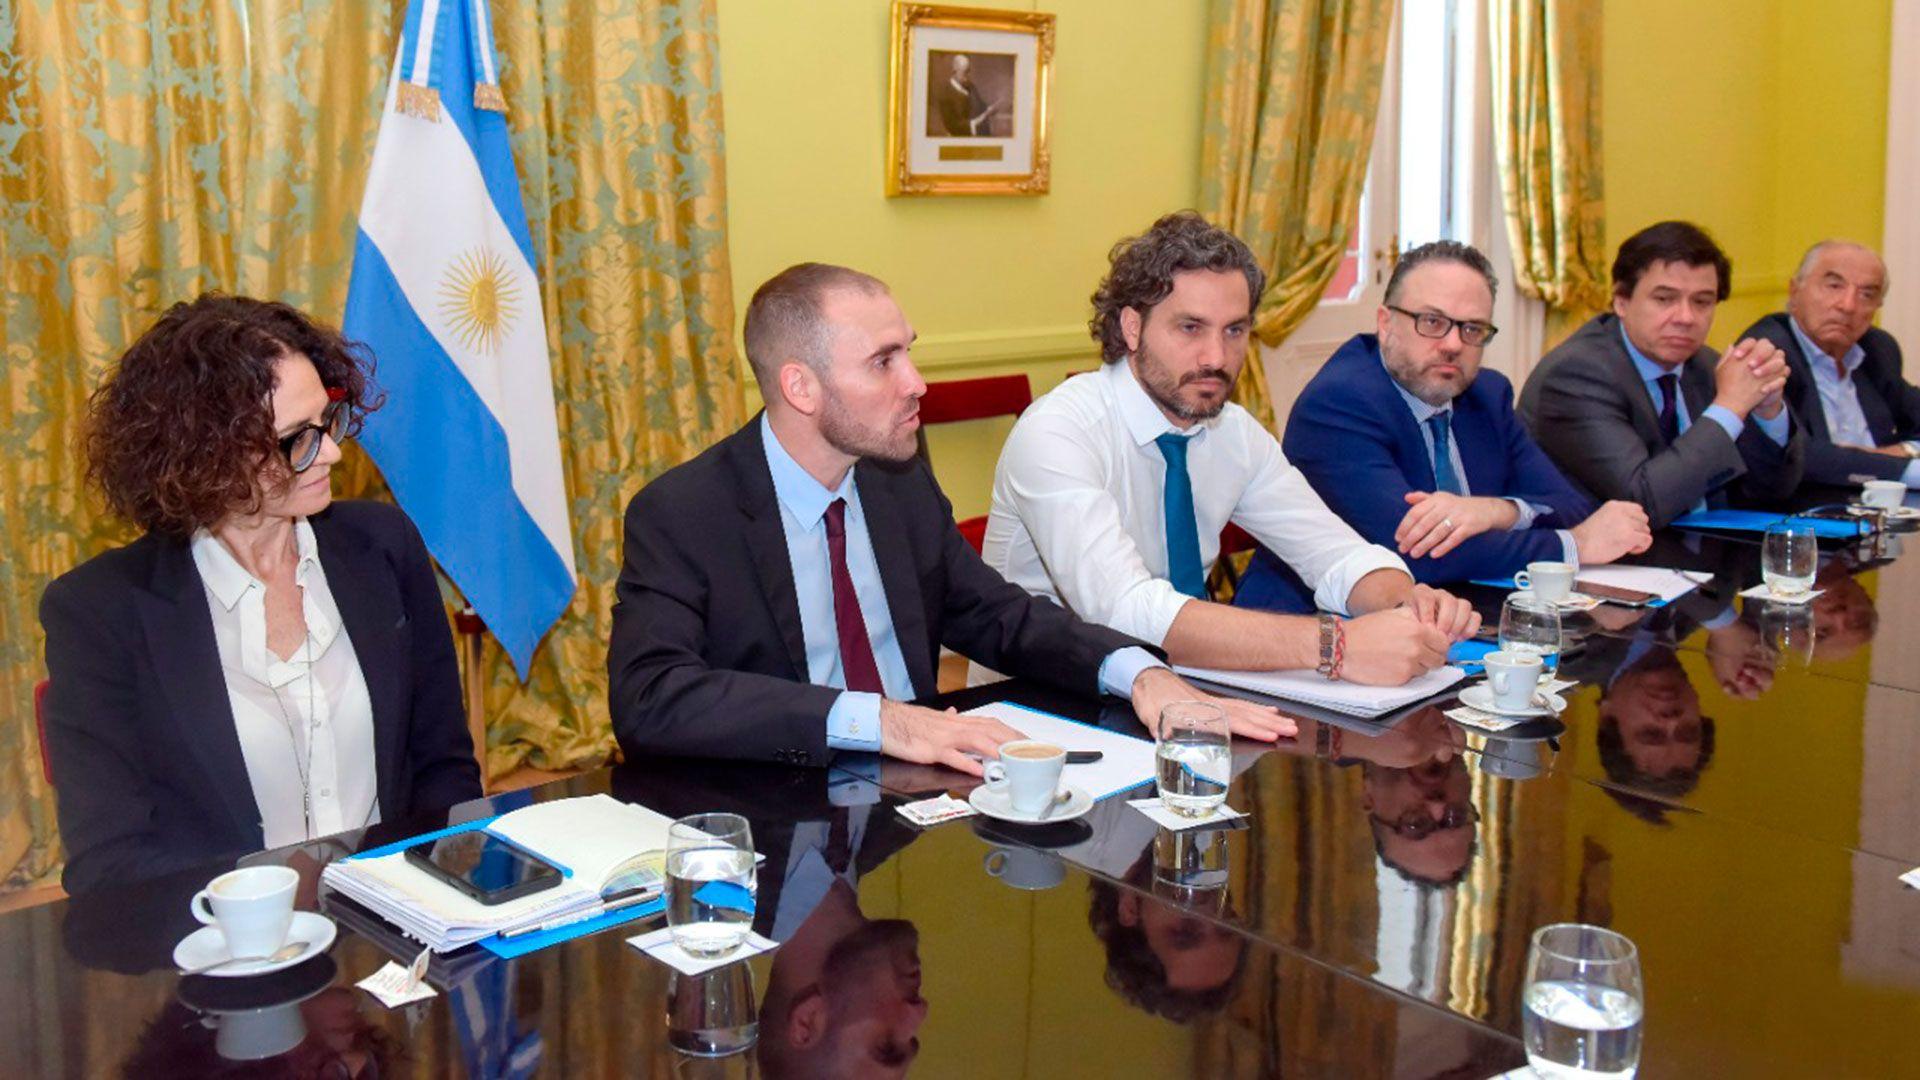 Santiago Cafiero al frente del gabinete económico (Presidencia)